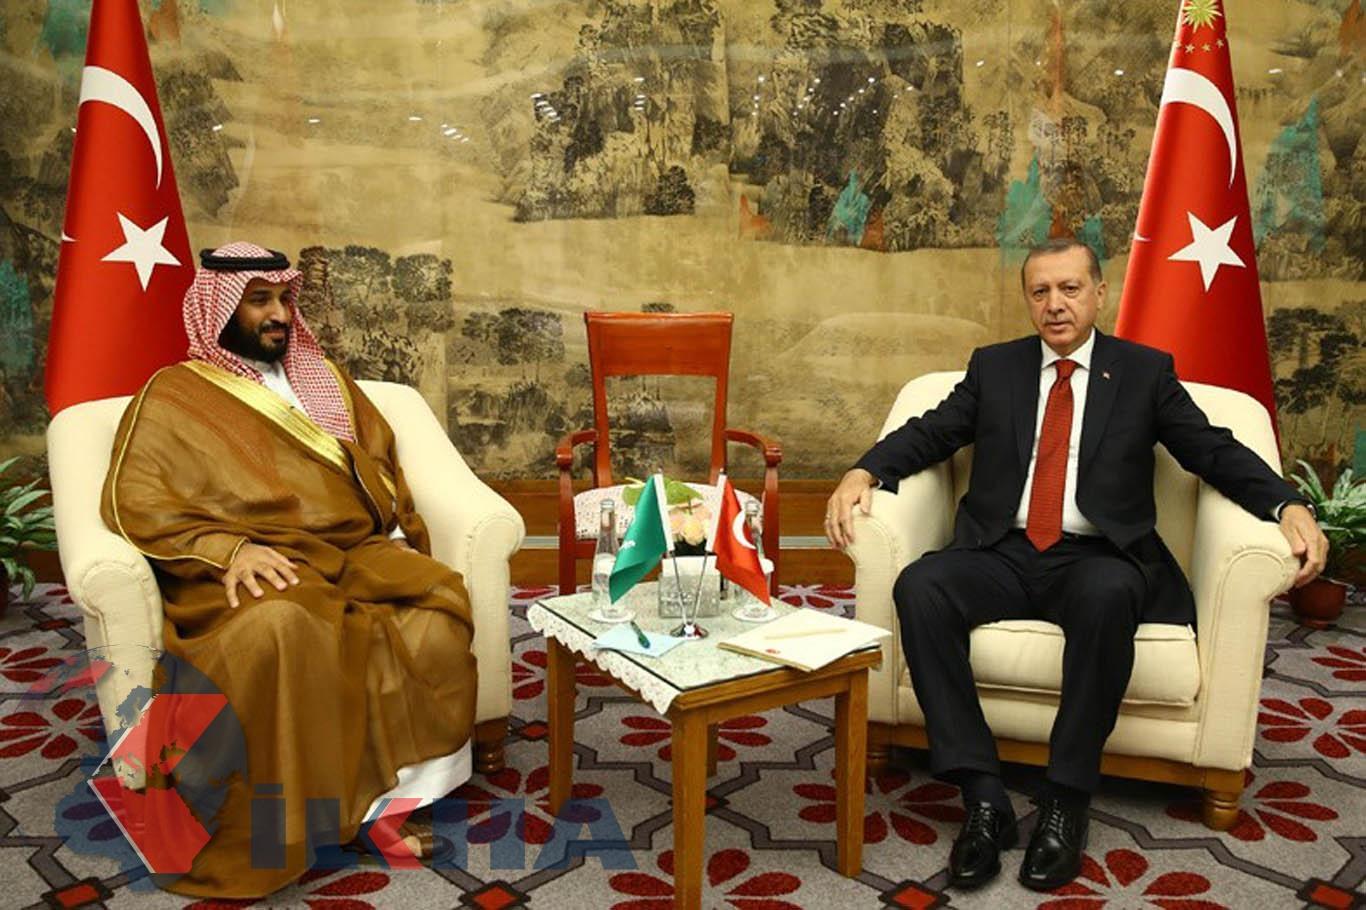 Erdoğan G20 Liderler Zirvesi'nde Suudi prensi ile görüştü